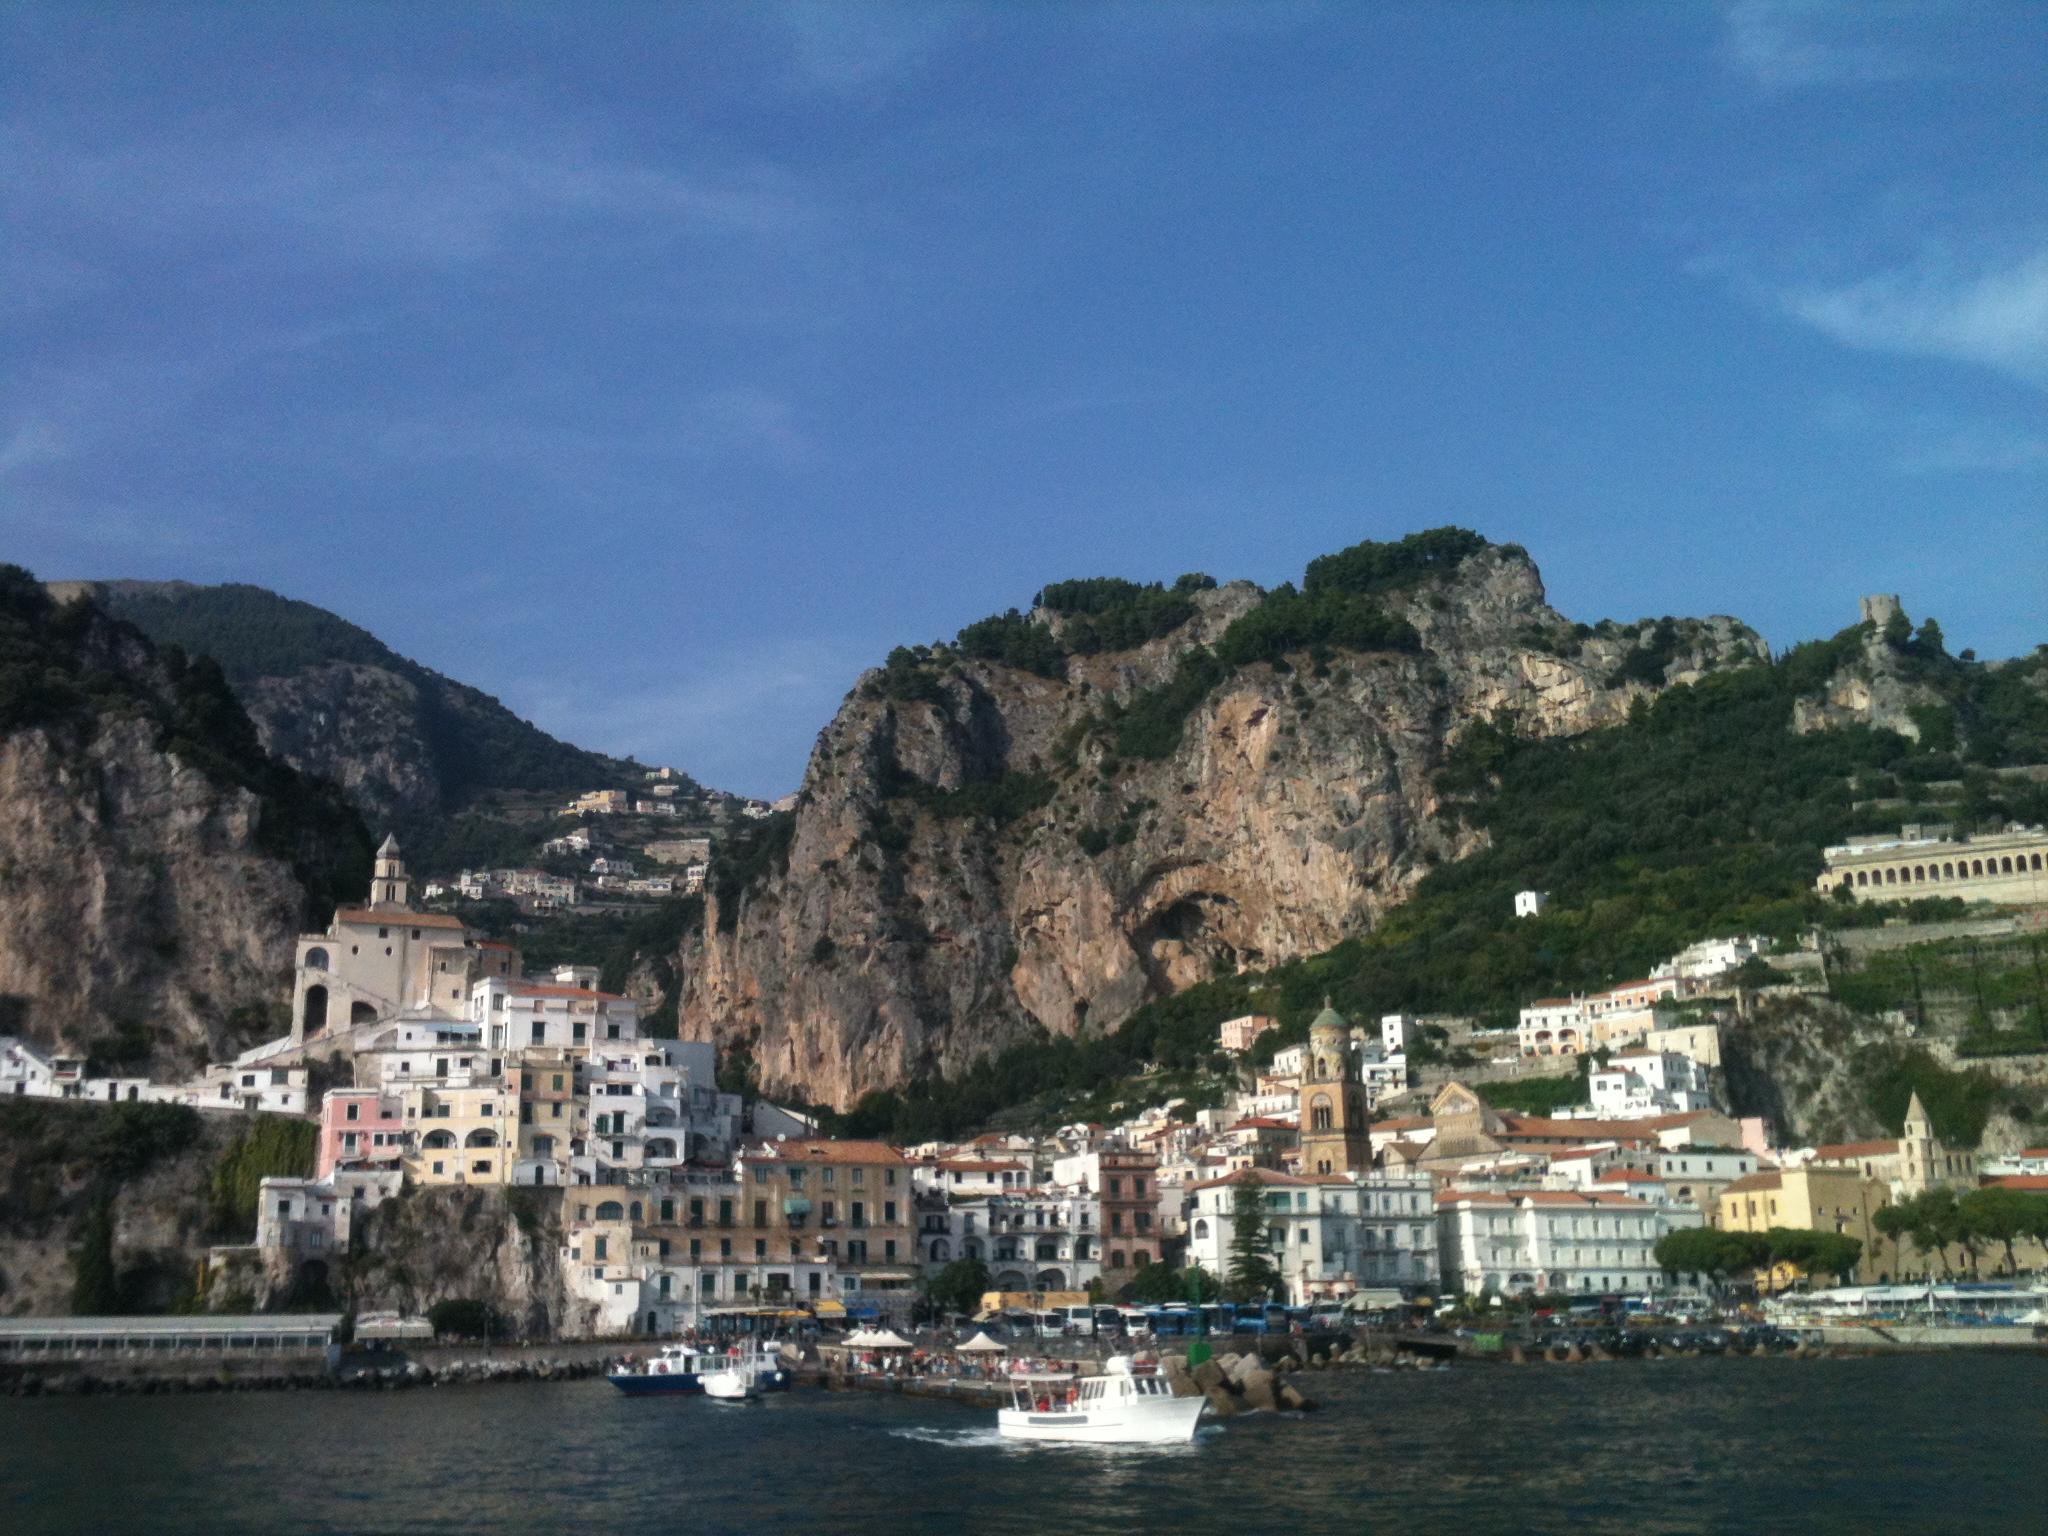 Sailing into the gorgeous Amalfi Coast